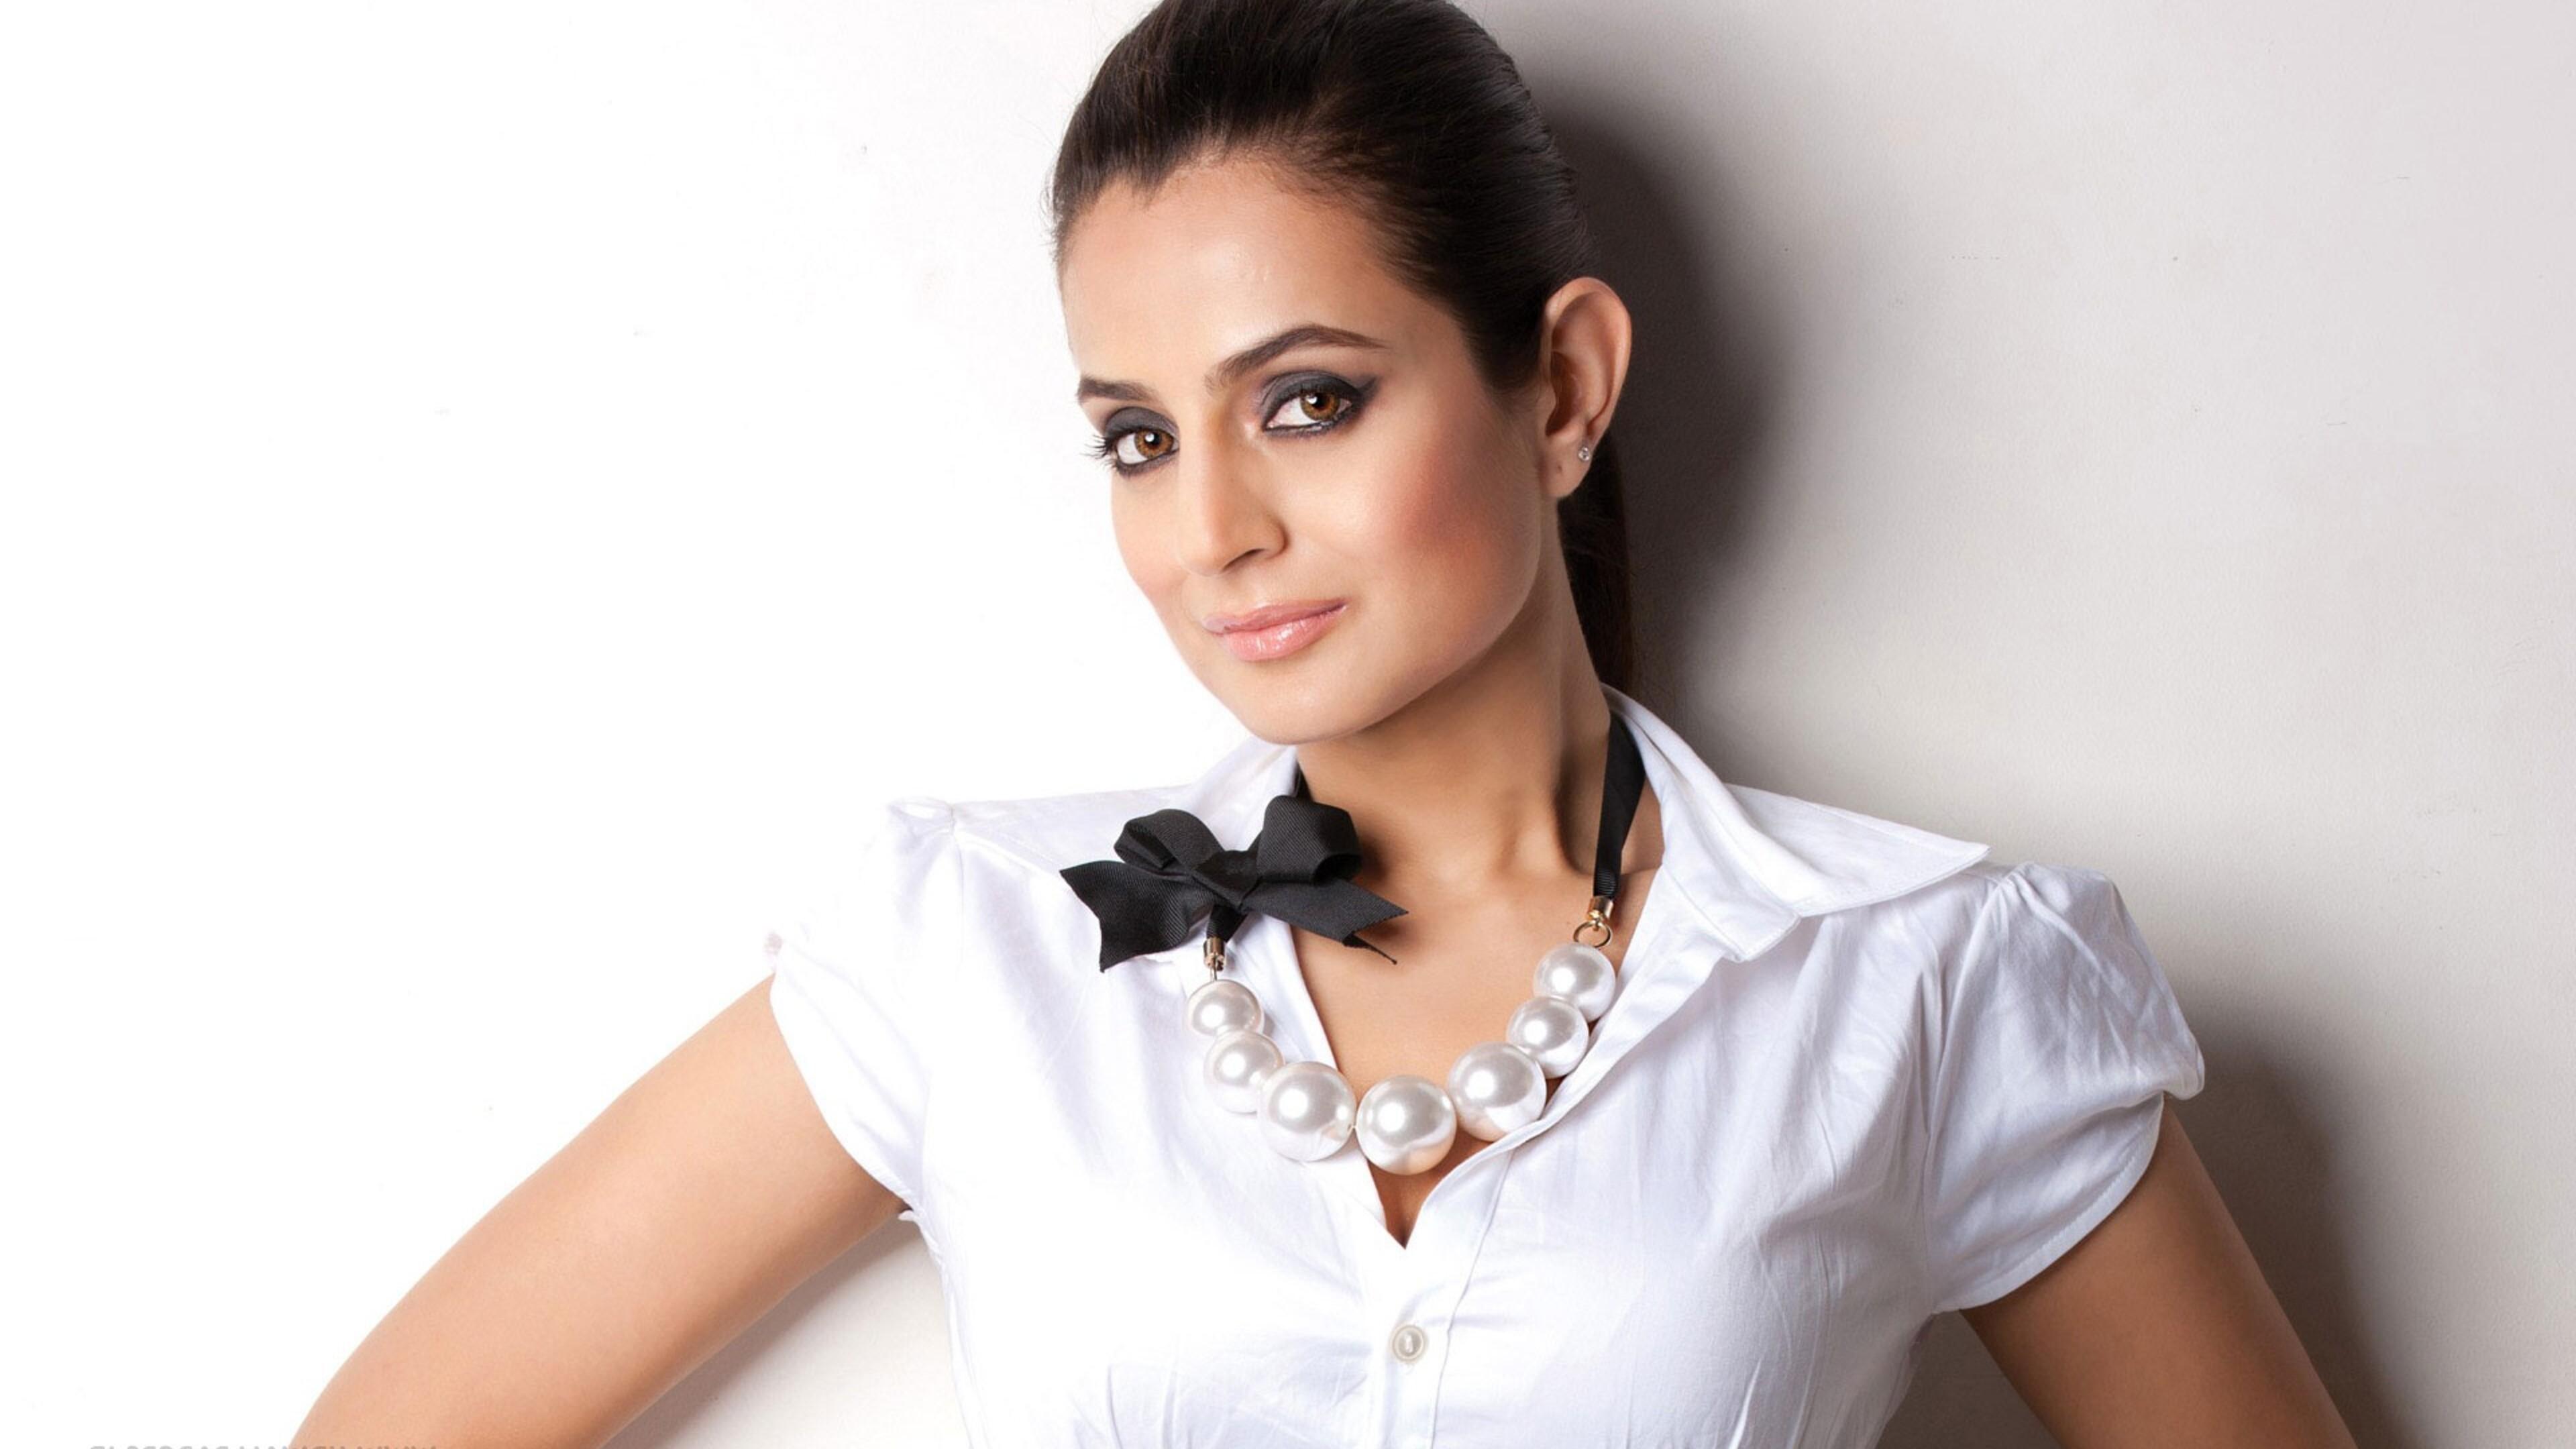 Ameesha Patel 2016 3840x2160 ameesha patel 4k hd 4k wallpapers, images